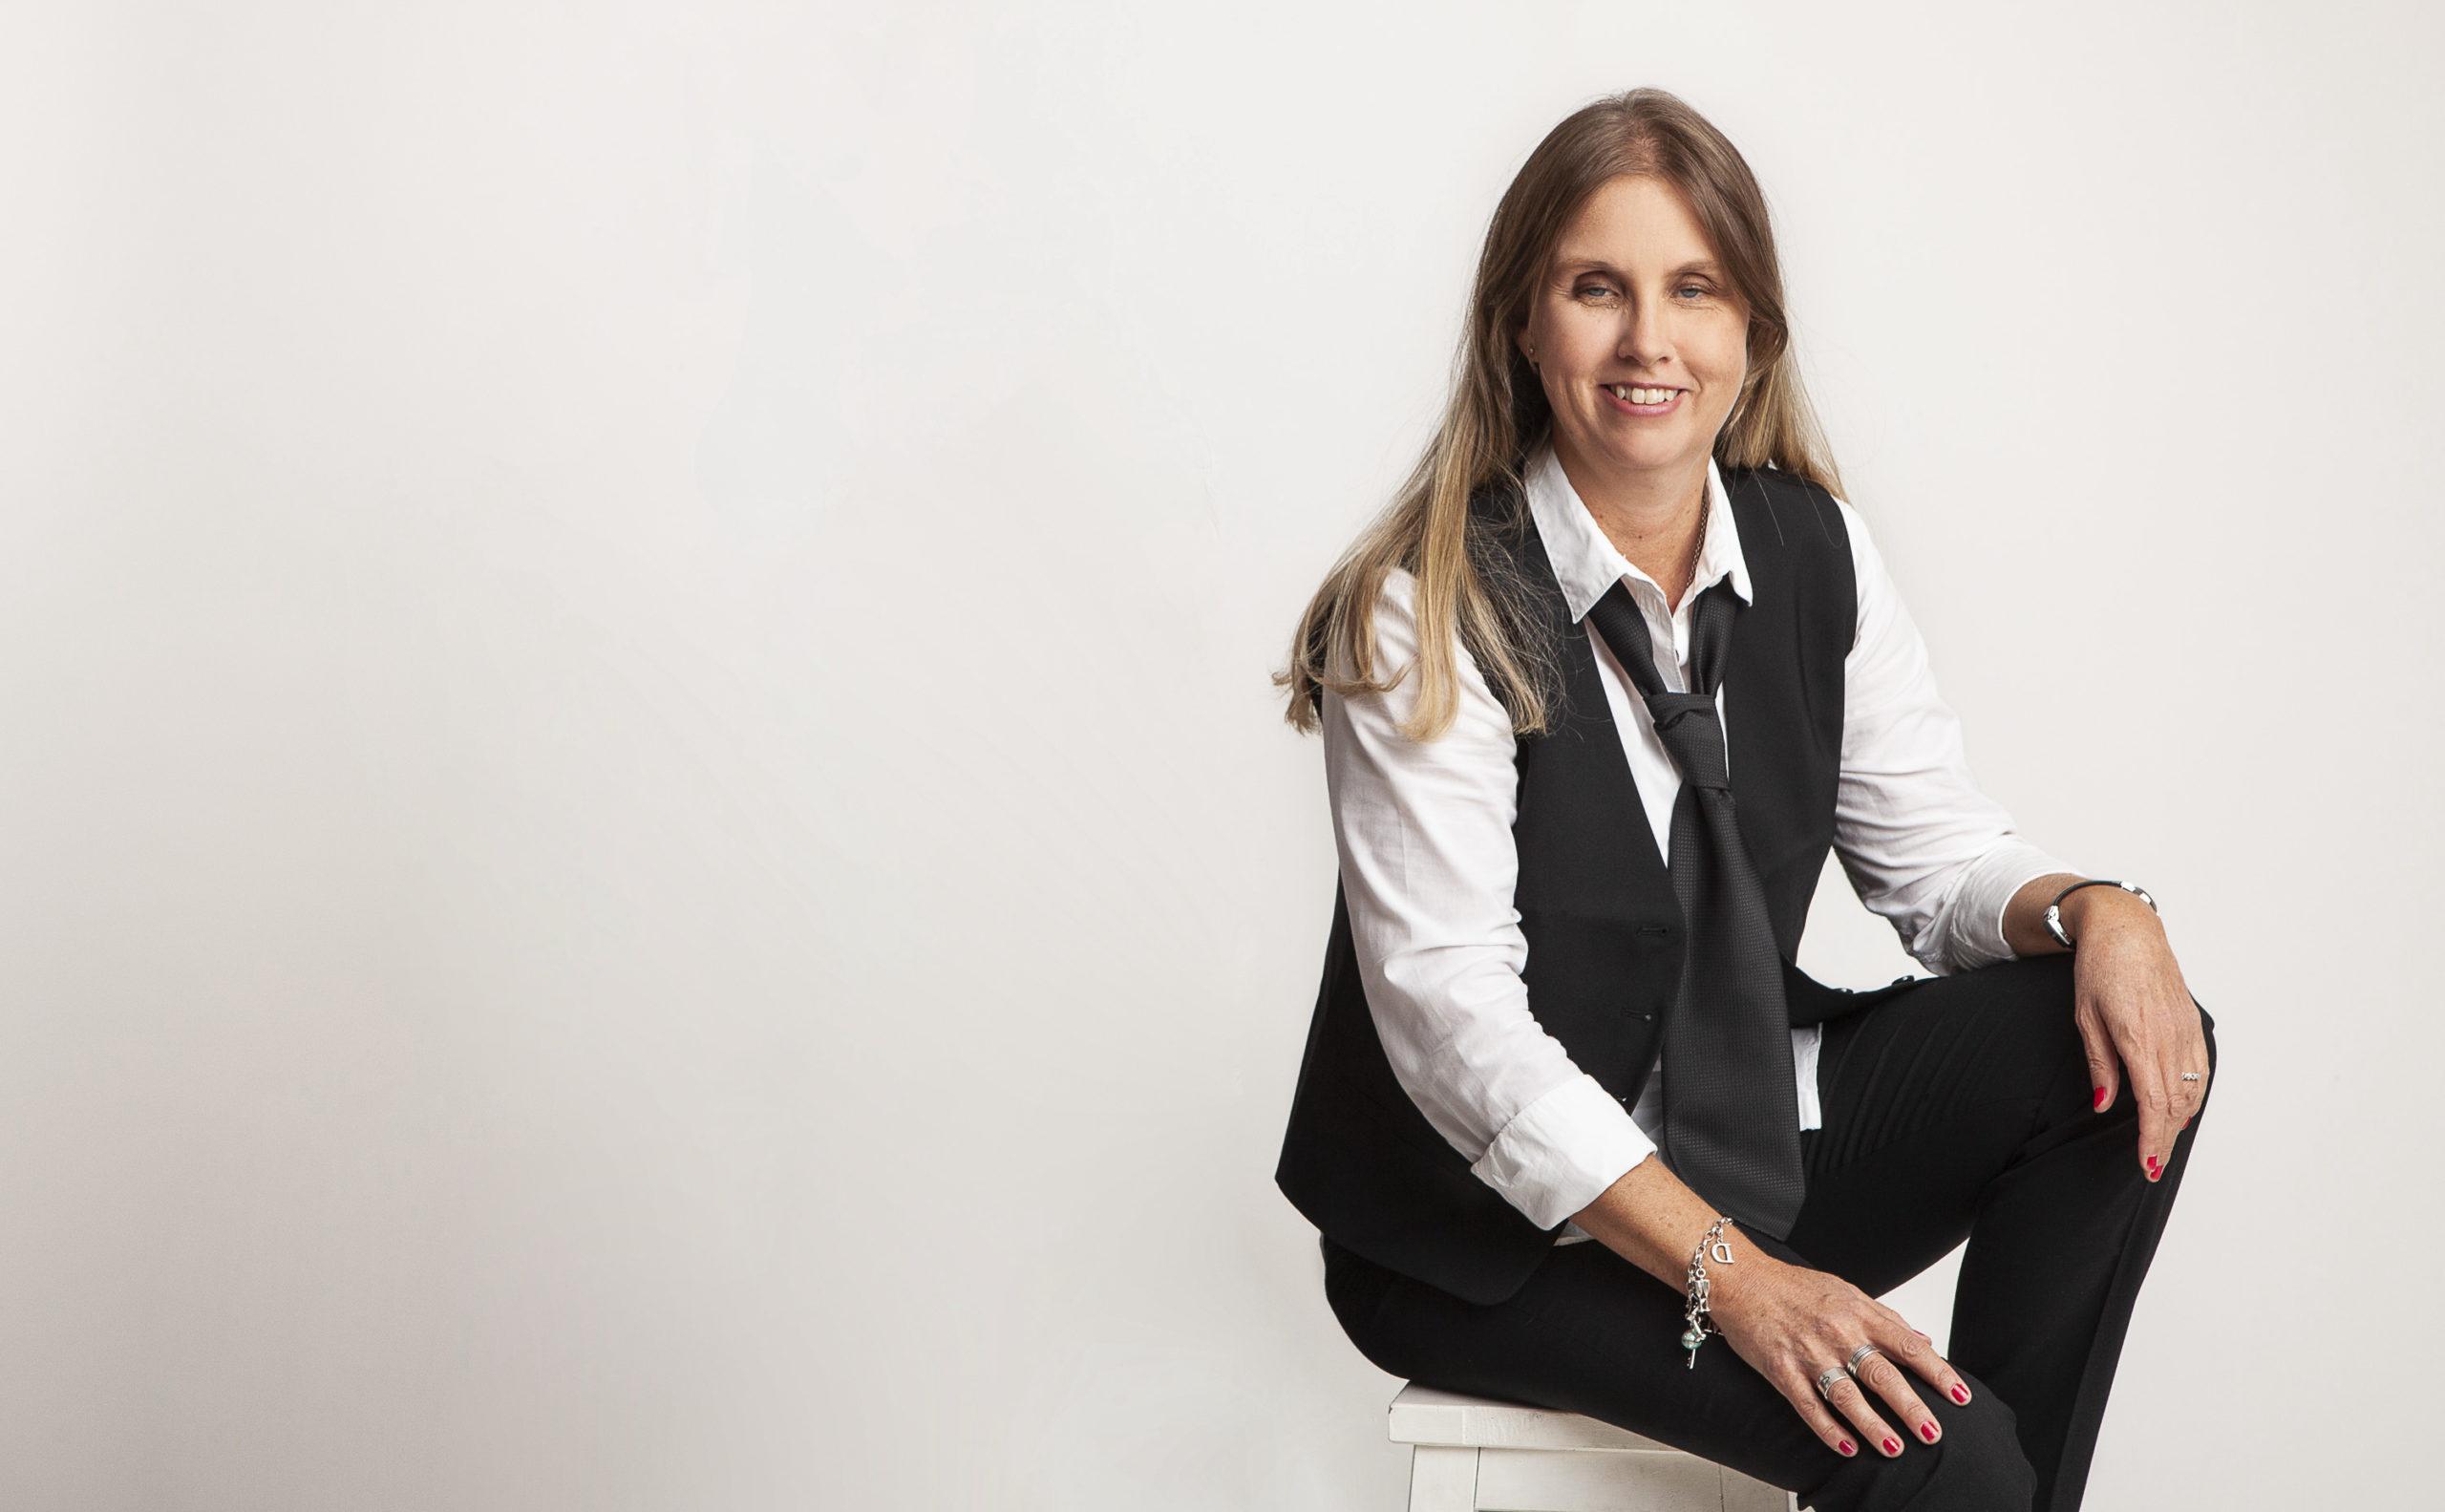 Profilbild på mig sittandes på en pall i fotostudio. Jag har långt blont hår, klädd i svart väst, vit skjorta, slips, svarta byxor och tittar mot bilden med ett leende